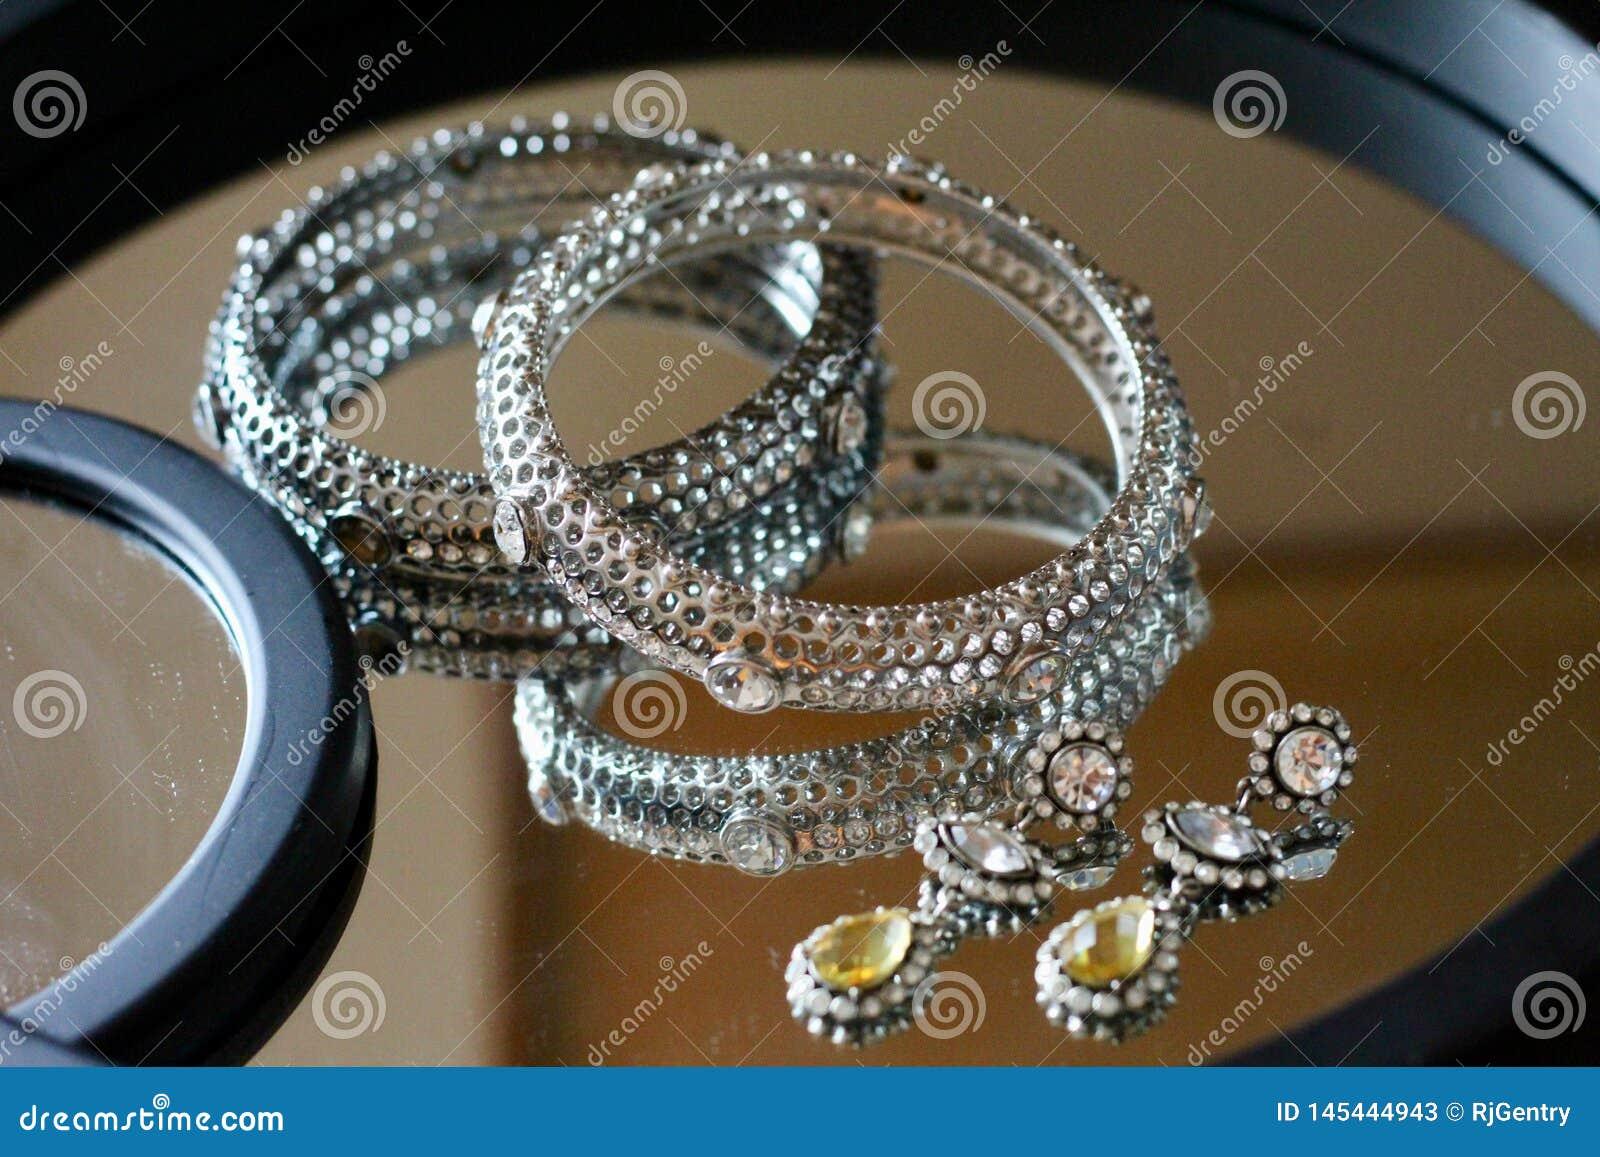 Zilveren en gouden juwelen op een spiegel